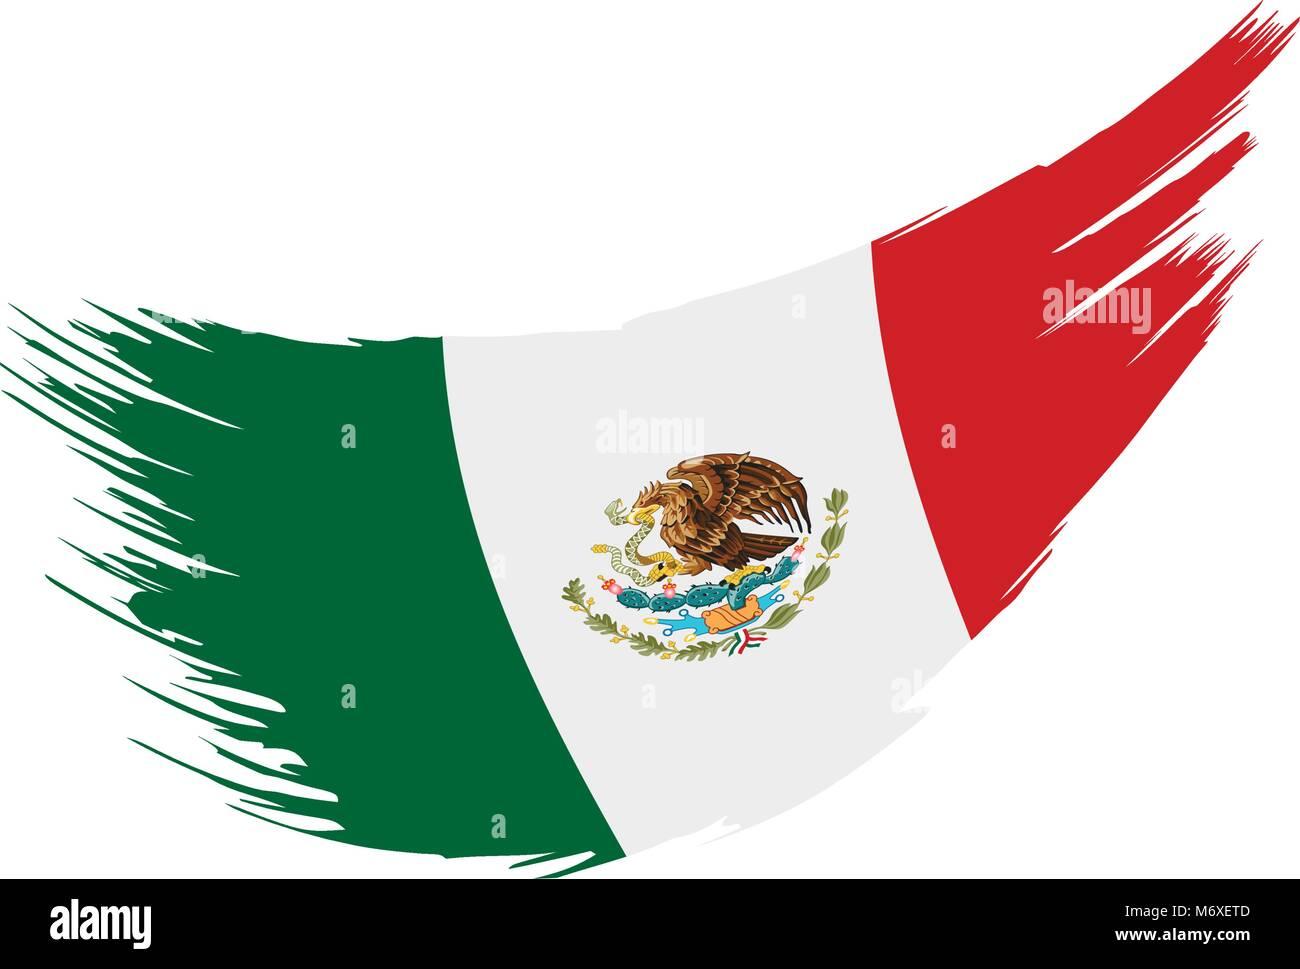 Fantastisch Mexiko Flagge Färbung Bilder - Malvorlagen-Ideen ...